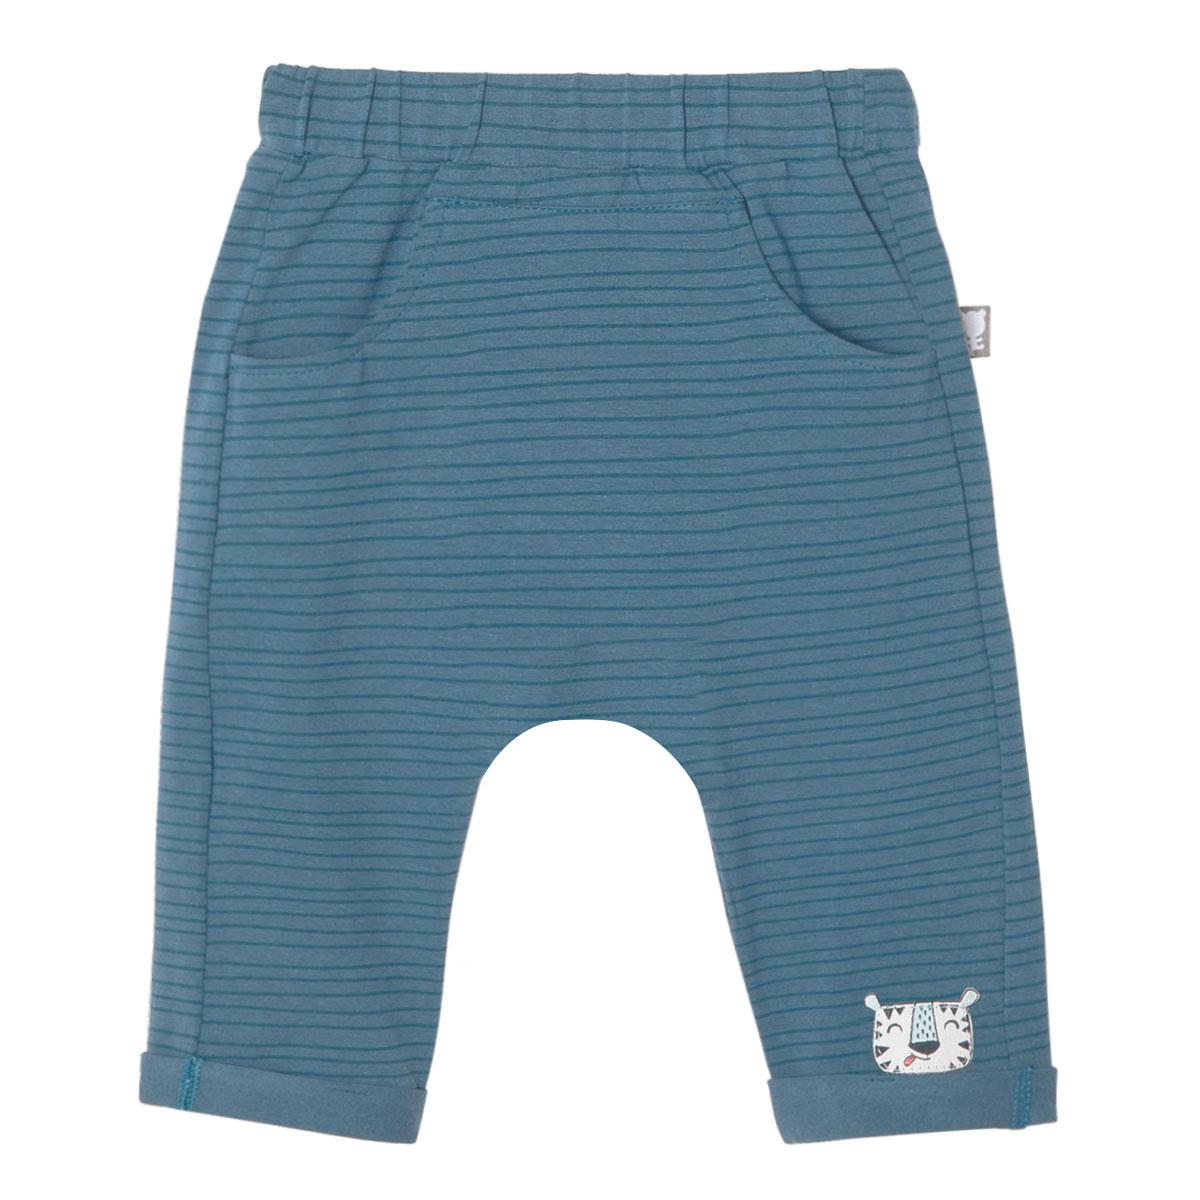 Ensemble bébé garçon chemise + pantalon Bora Bora bas